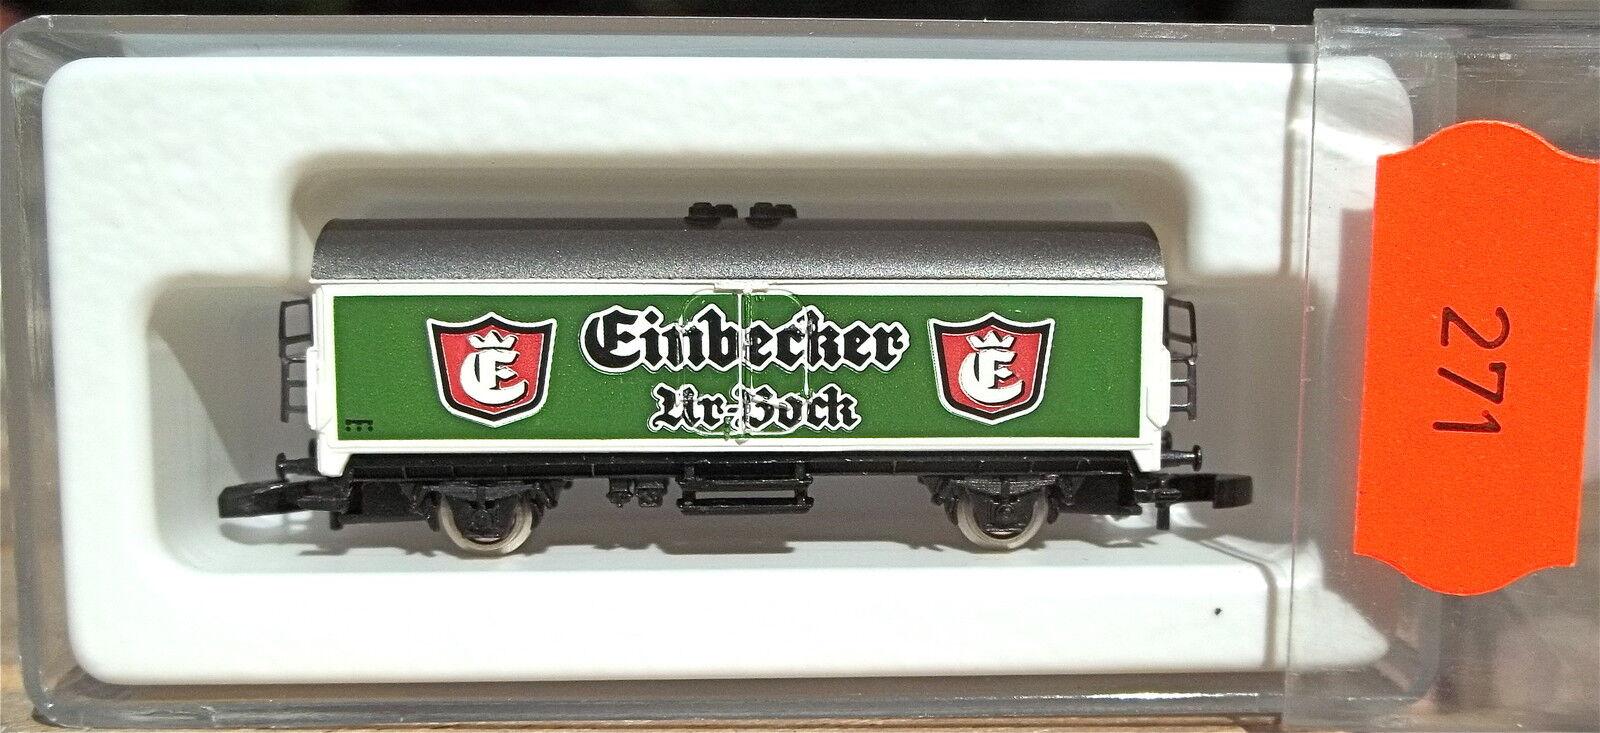 EINBECKER ur-bock, kolls 87035 Märklin 8600 ESCALA Z 1/220 271